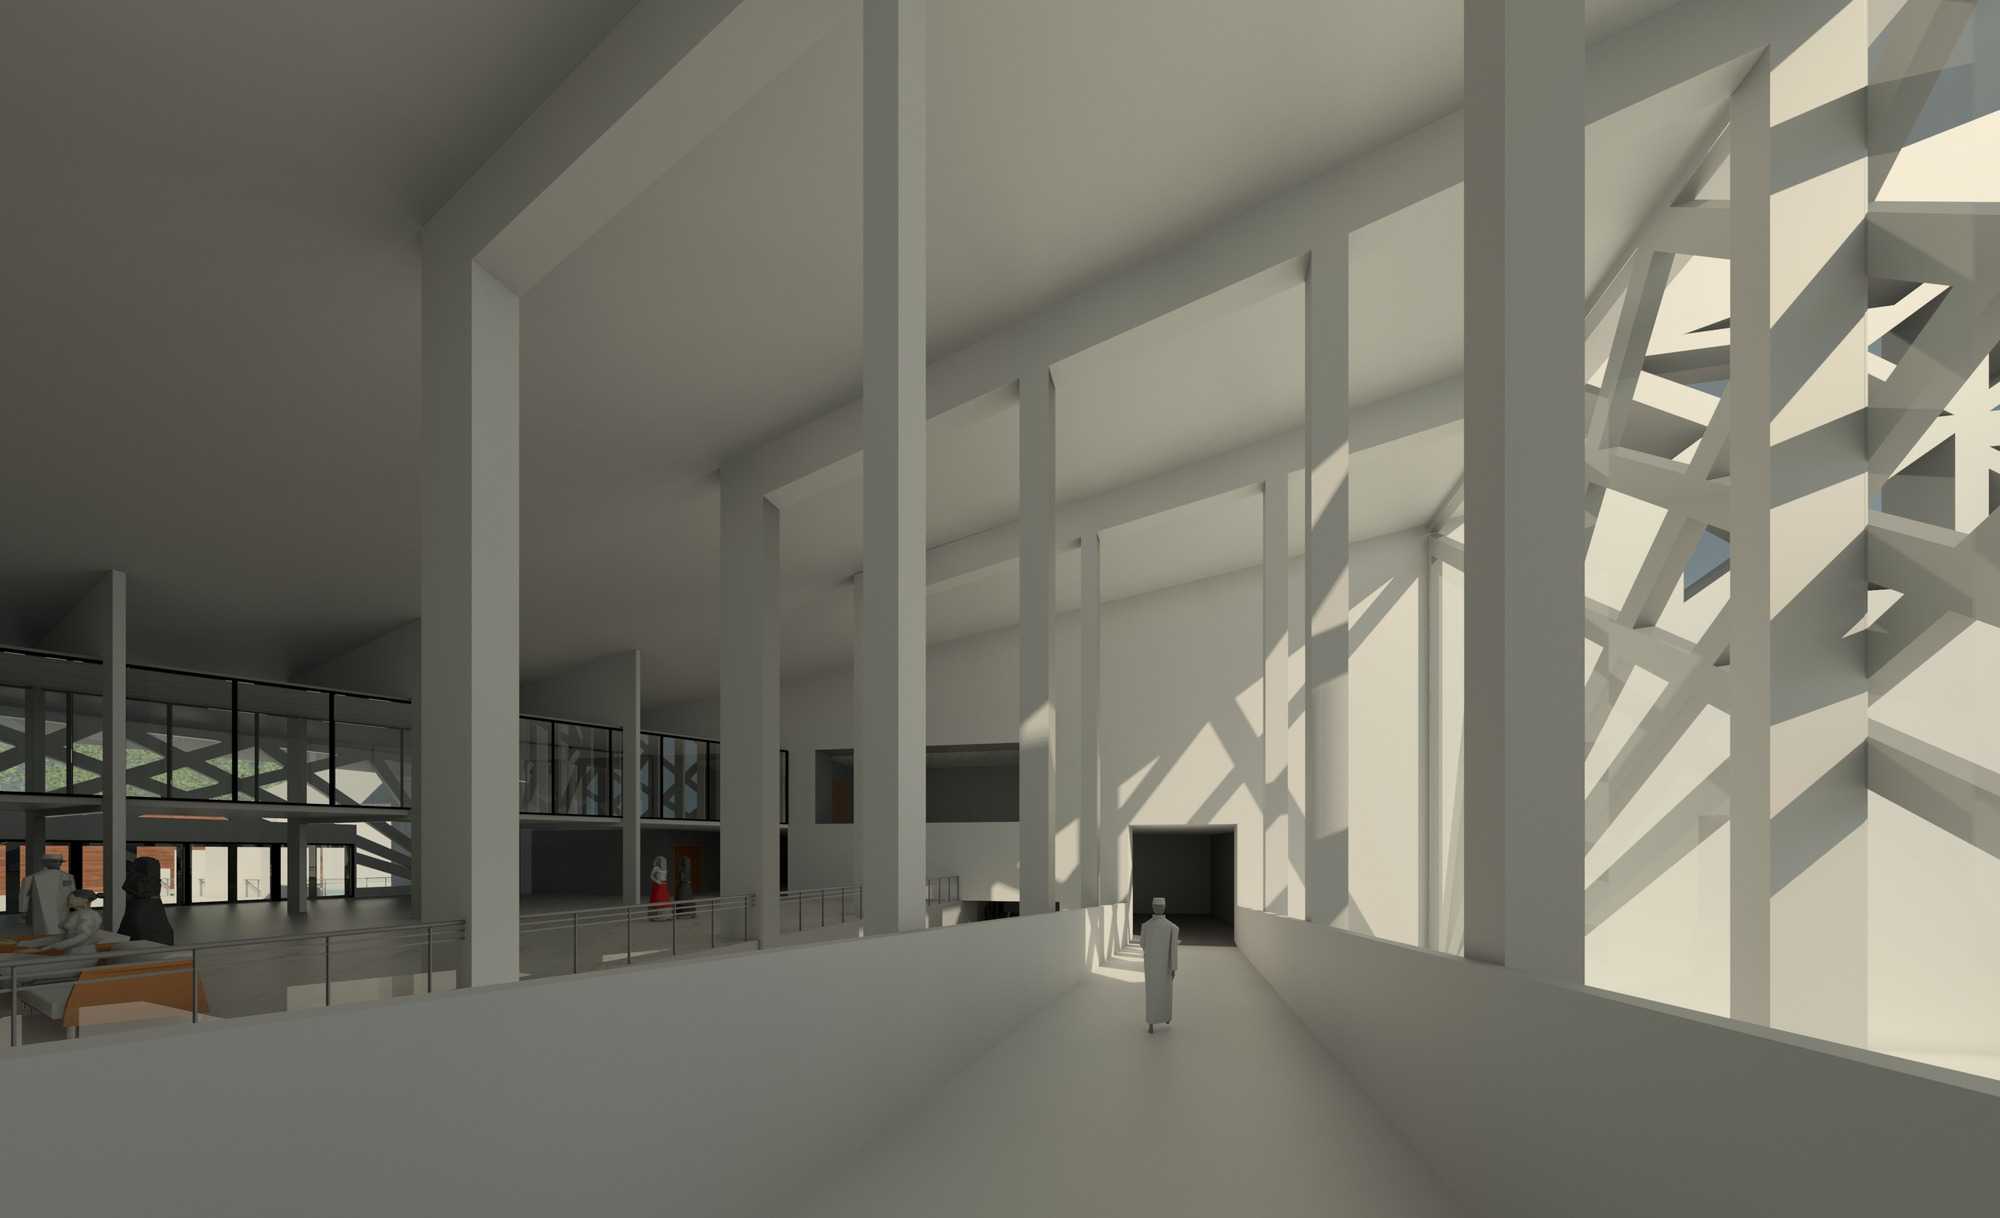 Raas-rendering20141103-3241-i71qh2